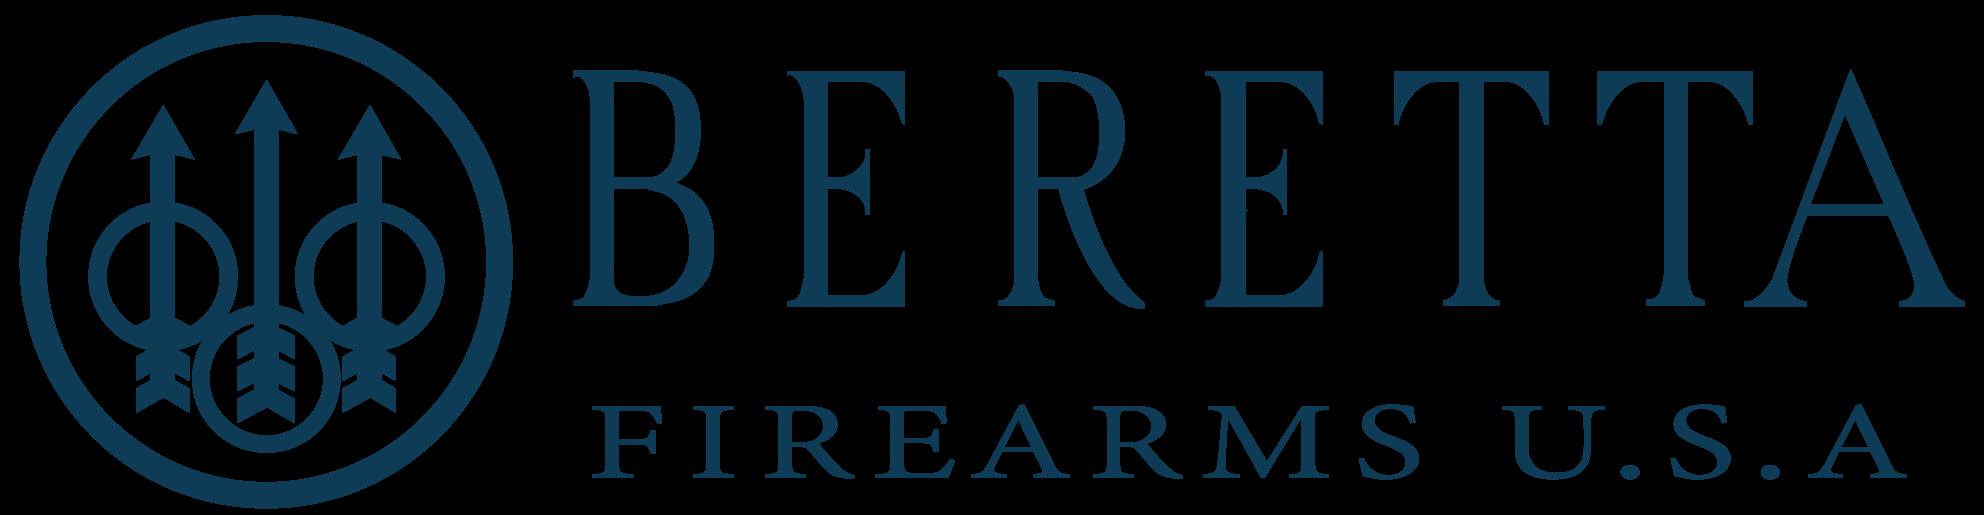 Beretta Firearms Store